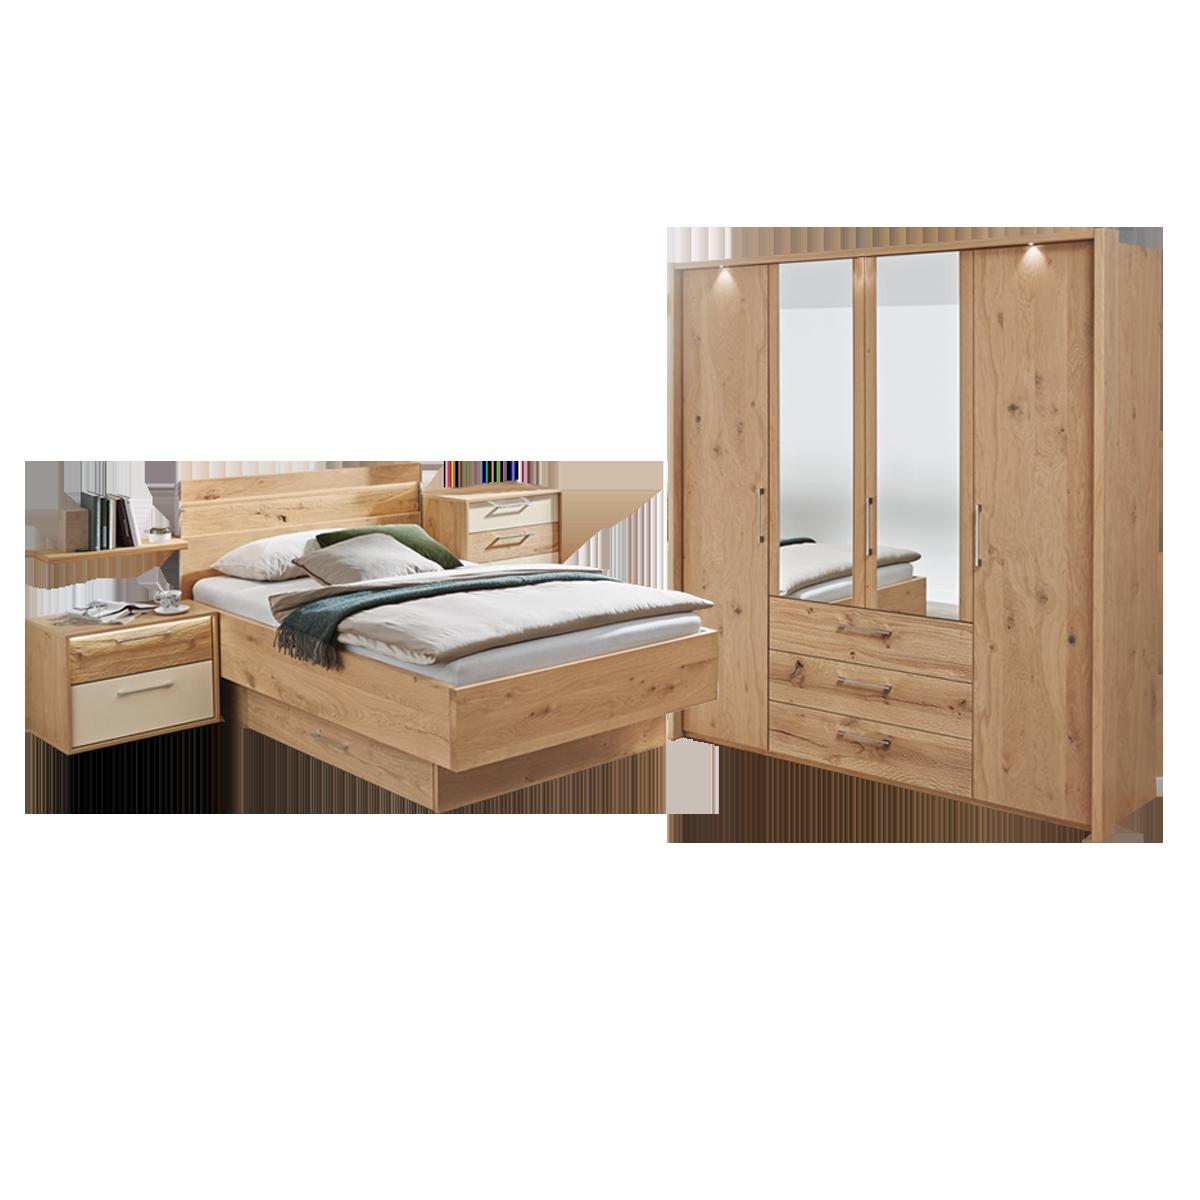 Disselkamp Cadiz Schlafzimmer Bett Nachtkonsole Drehtürenkleiderschrank  Balkeneiche Echtholz furniert mit Schubkastenkommode